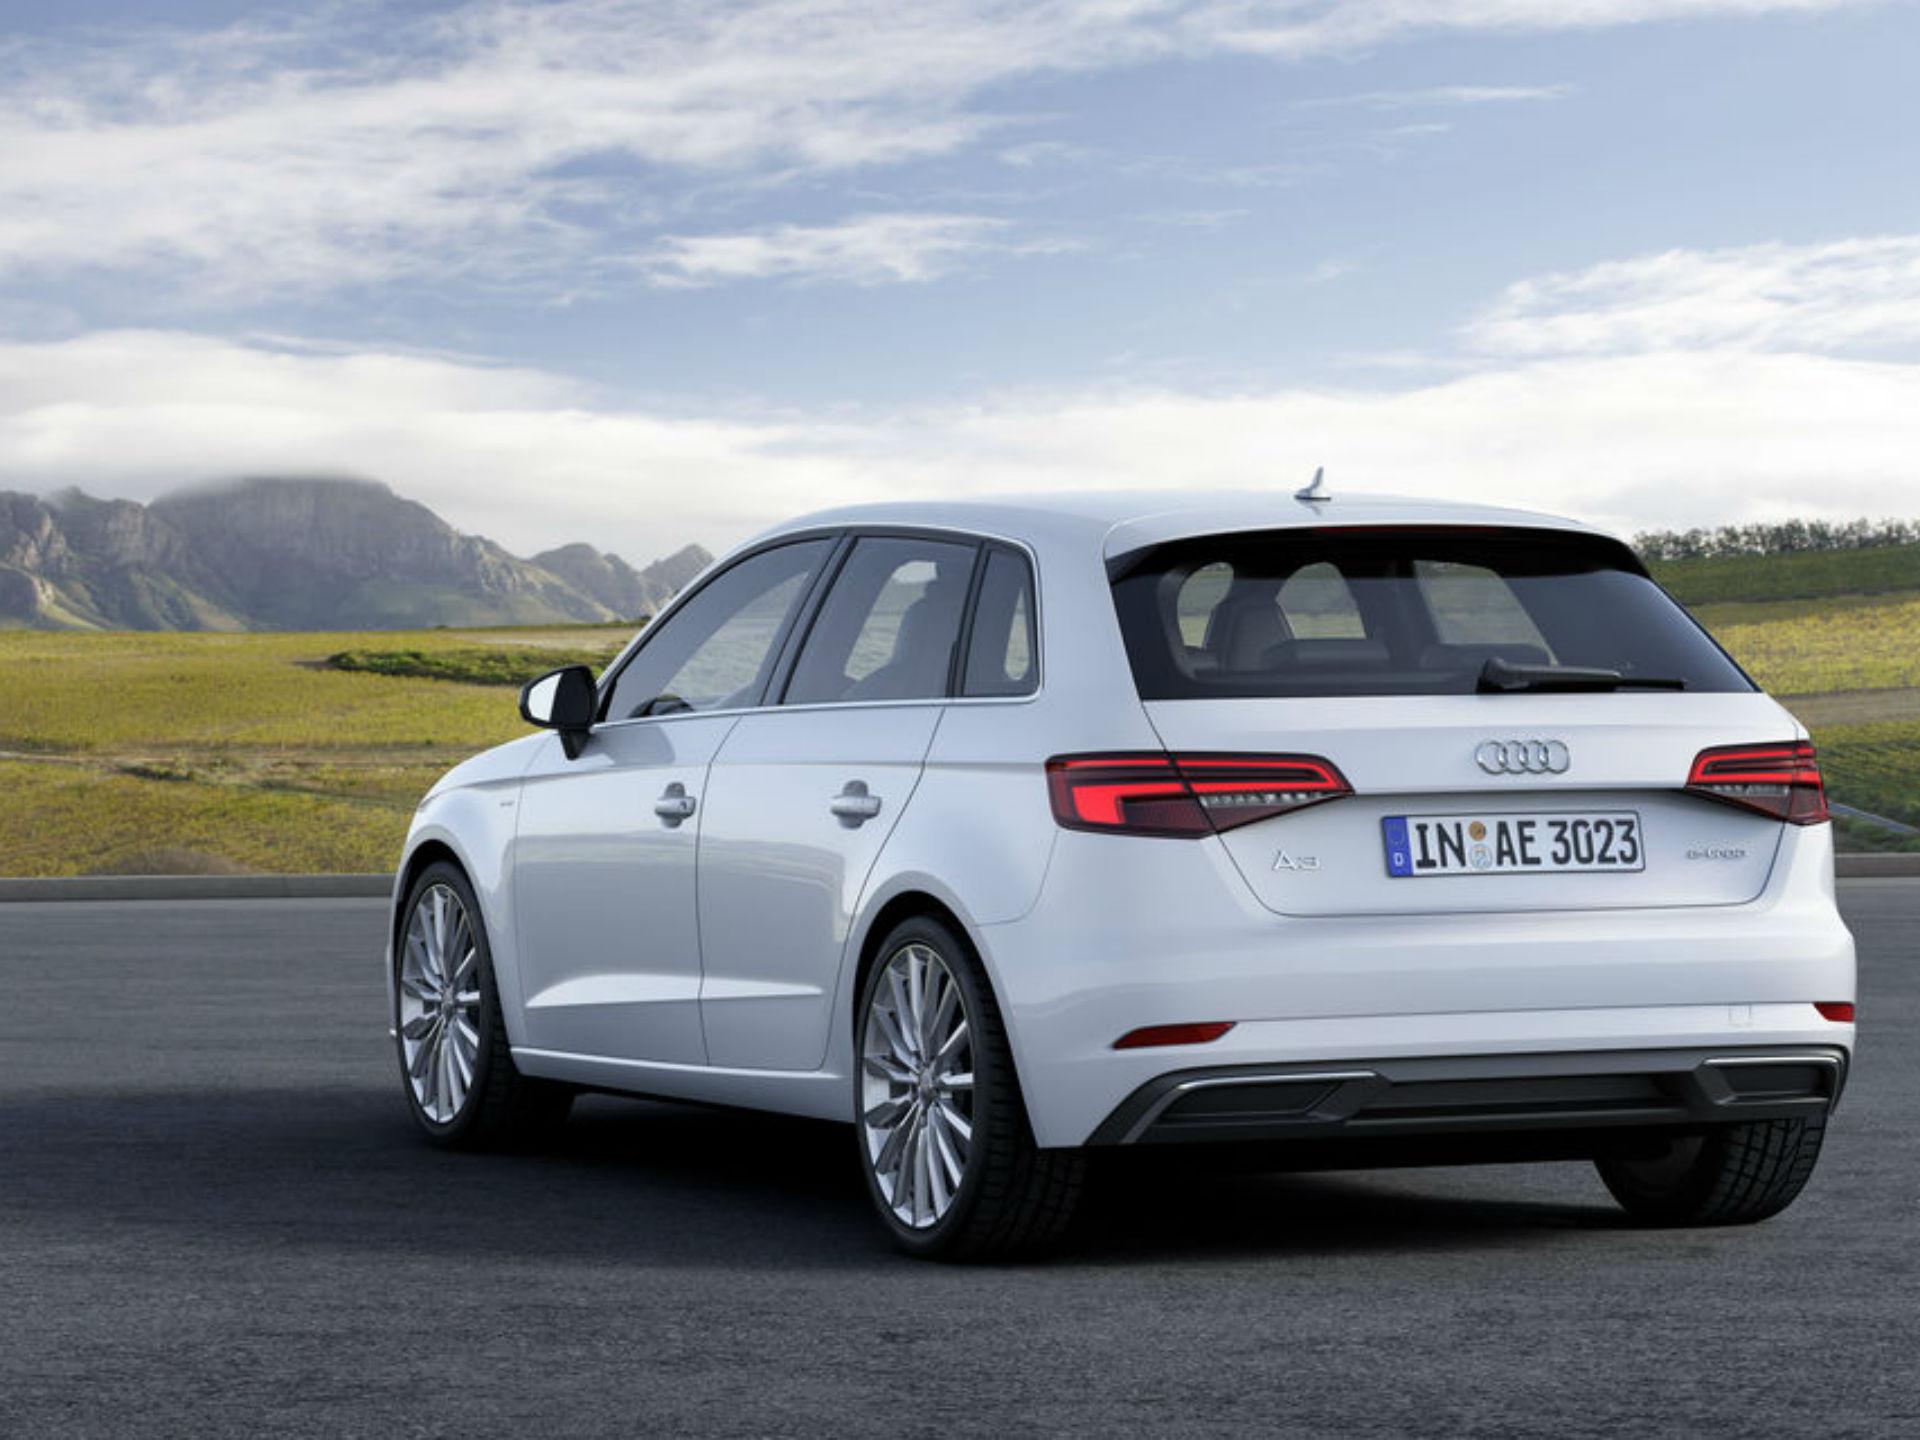 Audi A3 e-tron. La propuesta alemana de un auto eléctrico, llega en 001 de sus modelos más exitosos: el A3. Pertrecha un motor 1.4 litros turbo que produce 150 caballos de fuerza. Es conectable a la corriente y puede usar solo el motor eléctrico durante cincuenta km a 130 km/h. Foto: Audi